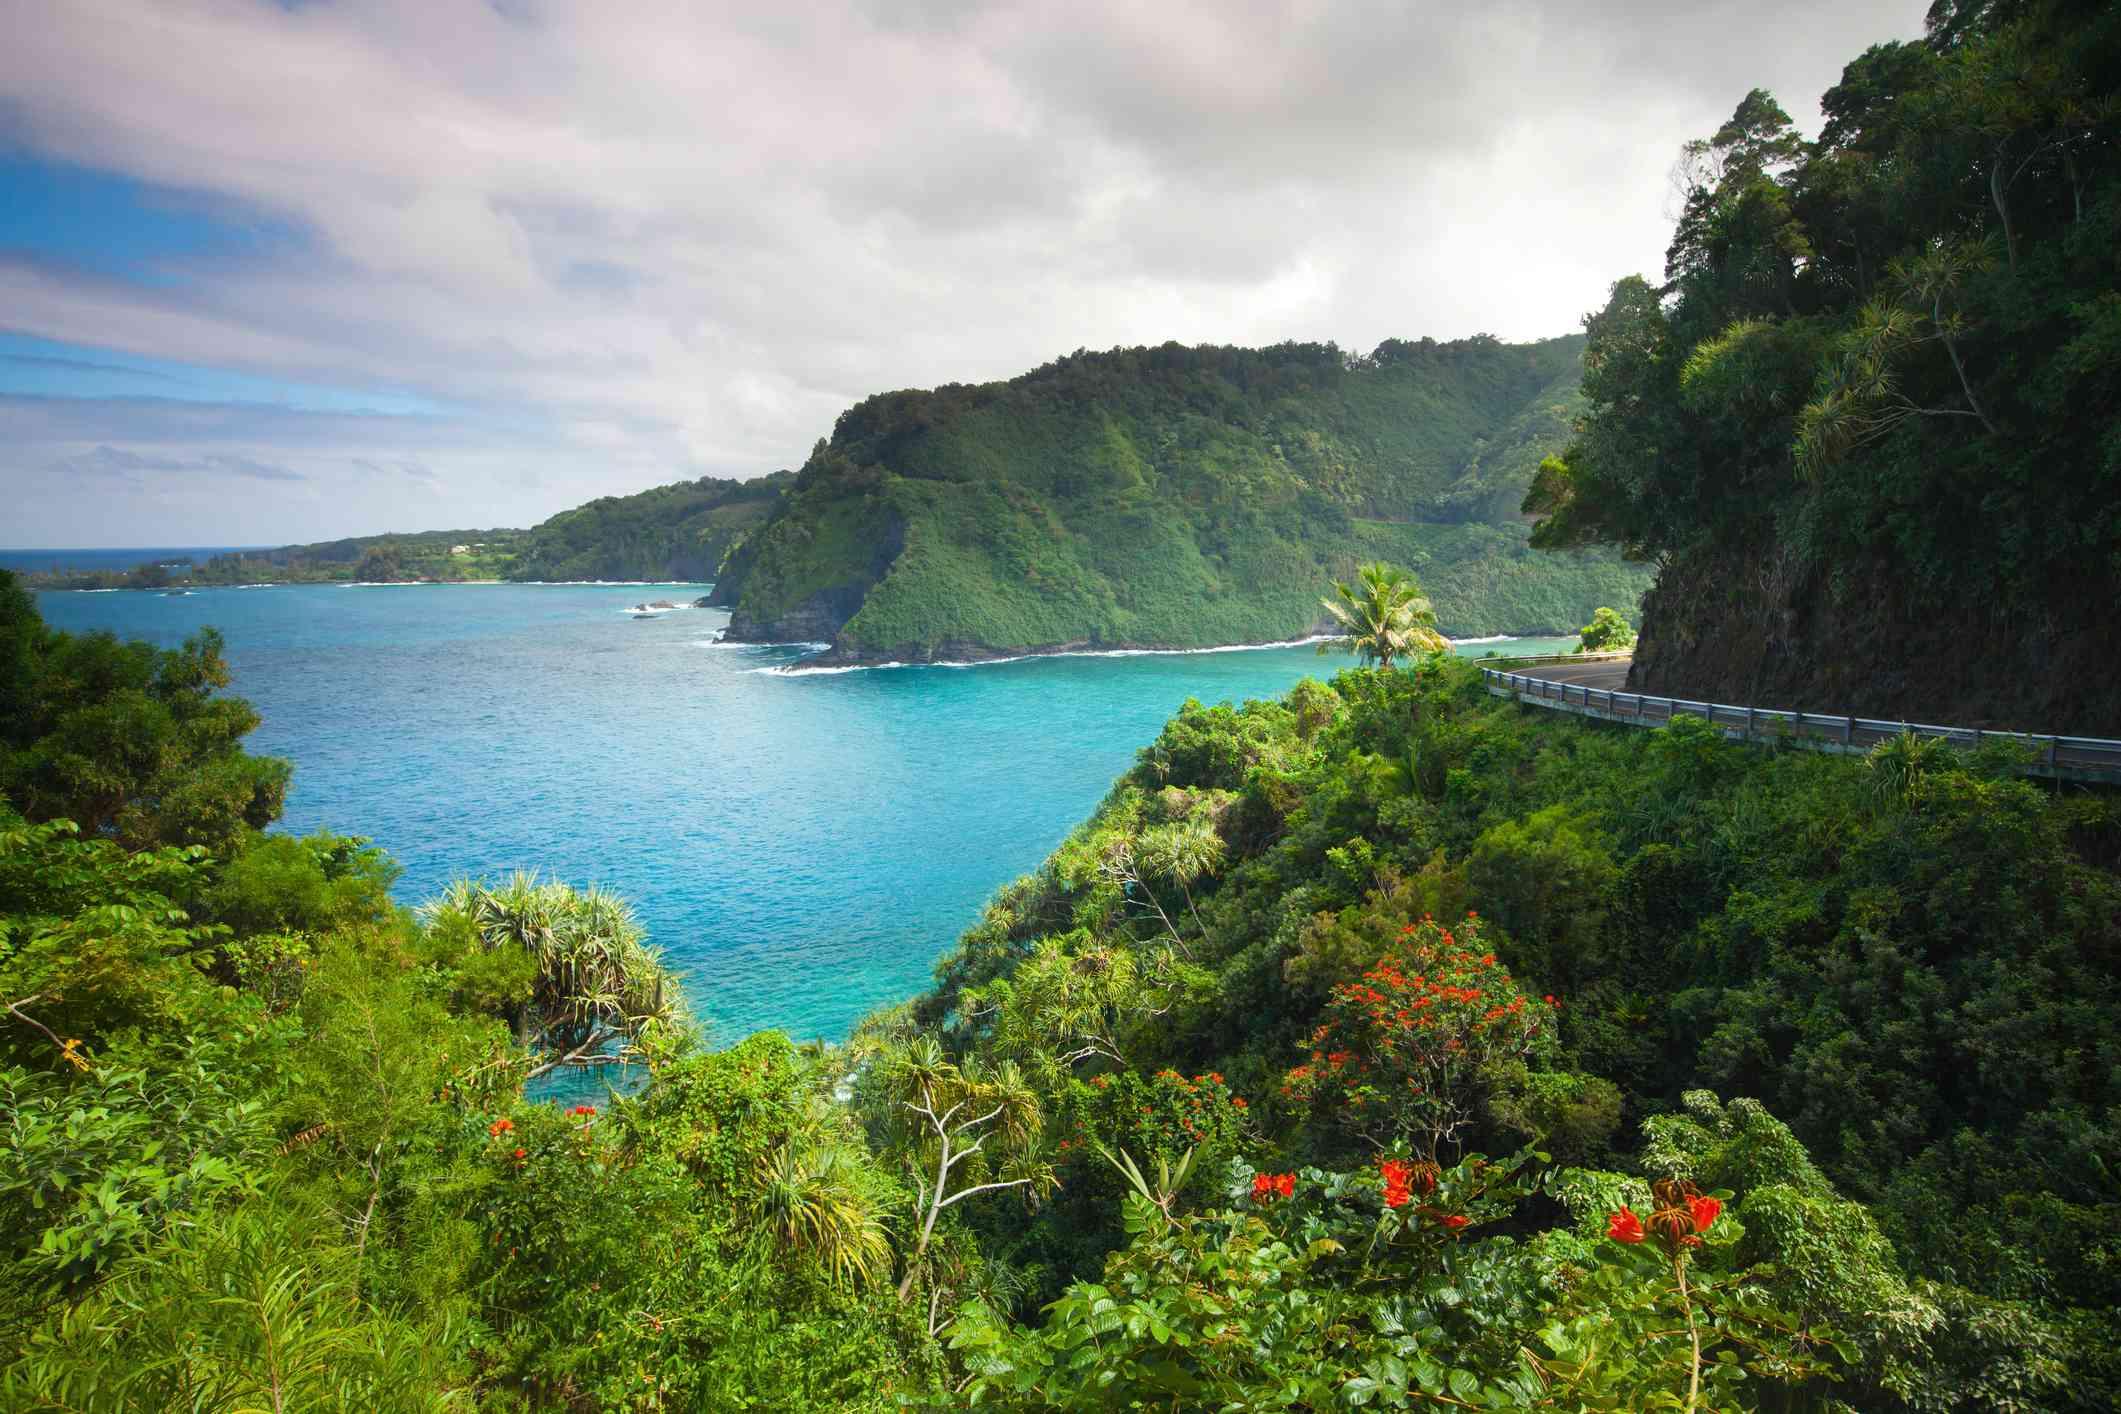 Ocean in Maui, Hawaii